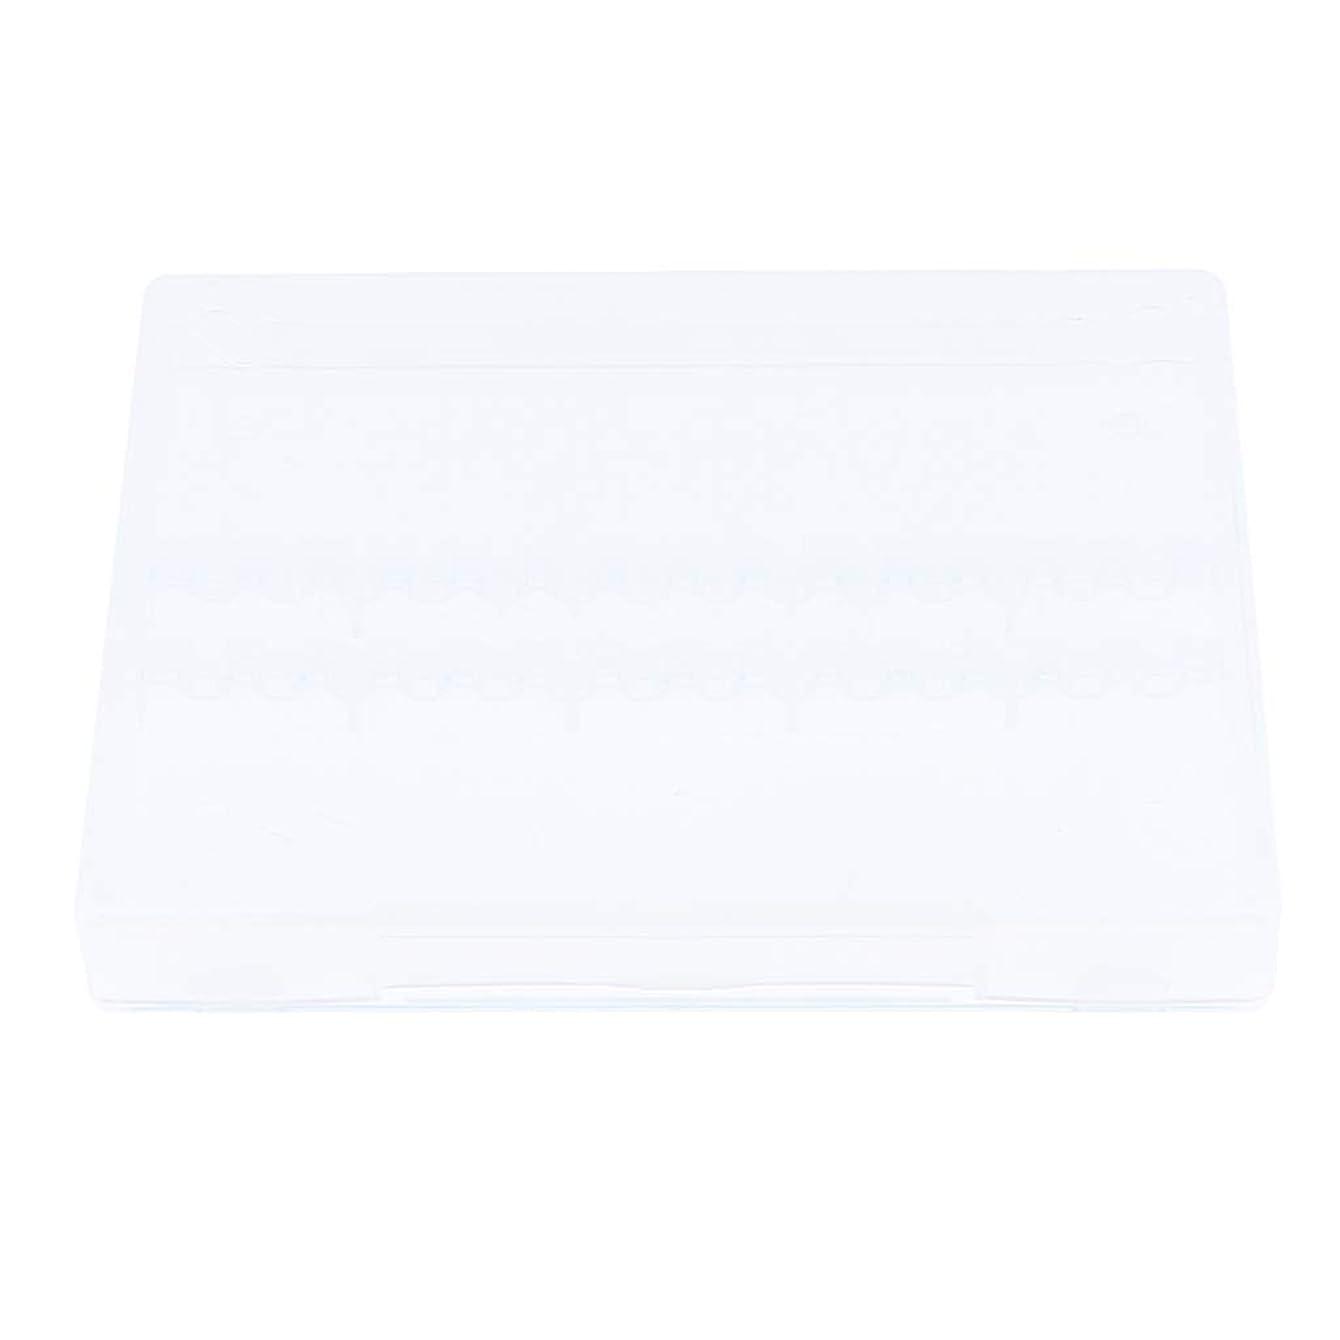 Sharplace ネイルアート ネイルドリルビット ホルダー 空ボックス 収納 オーガナイザー 2色選べ - クリア